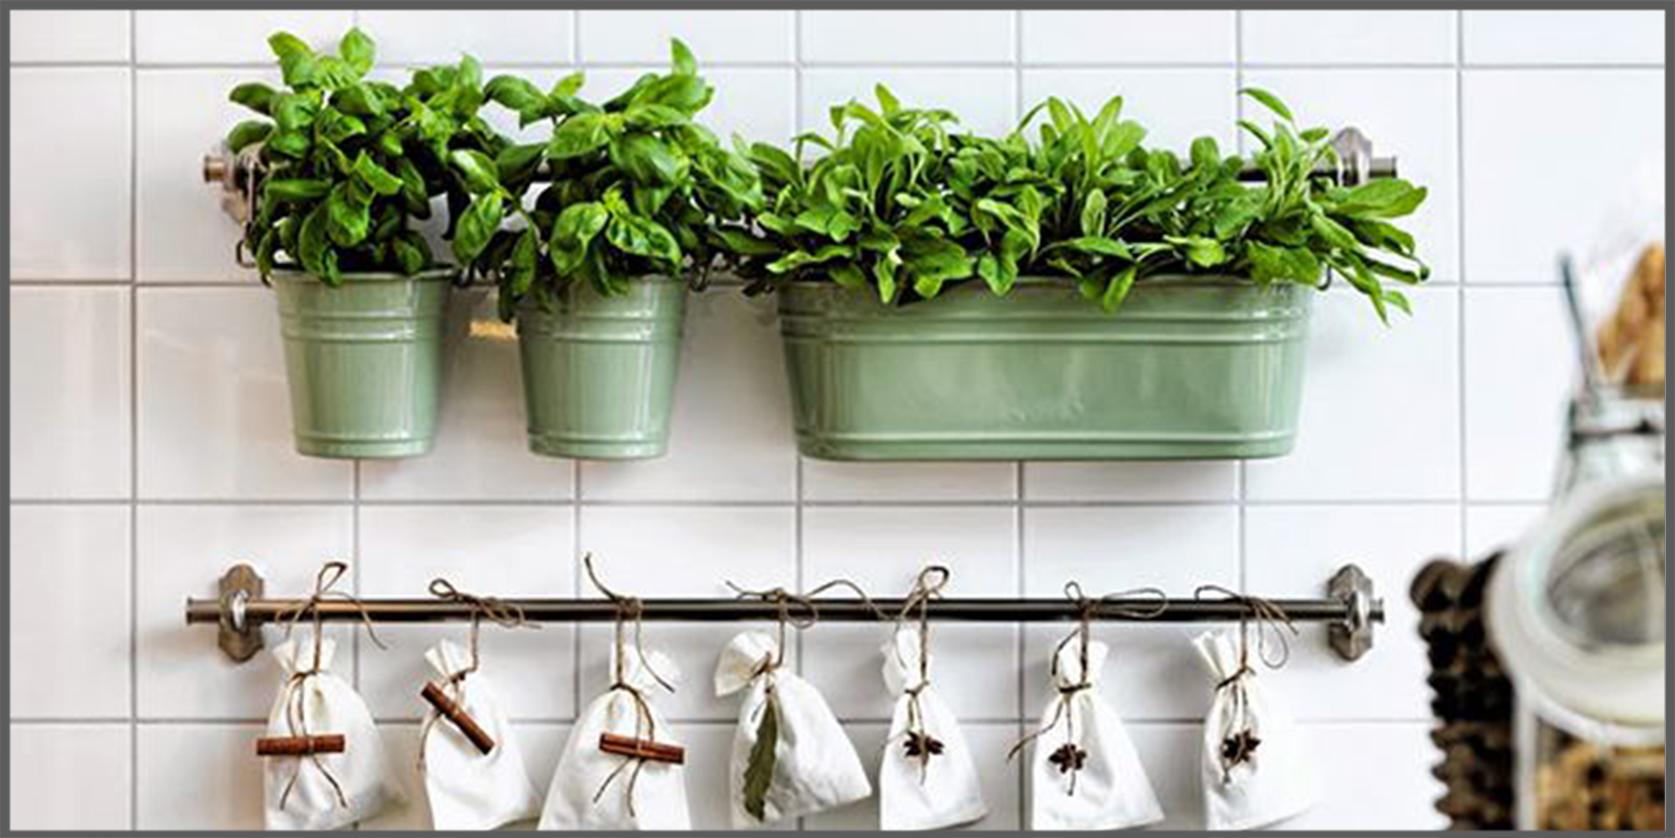 avere a portata di mano delle erbe aromatiche ci agevola la preparazione dei nostri piatti preferiti